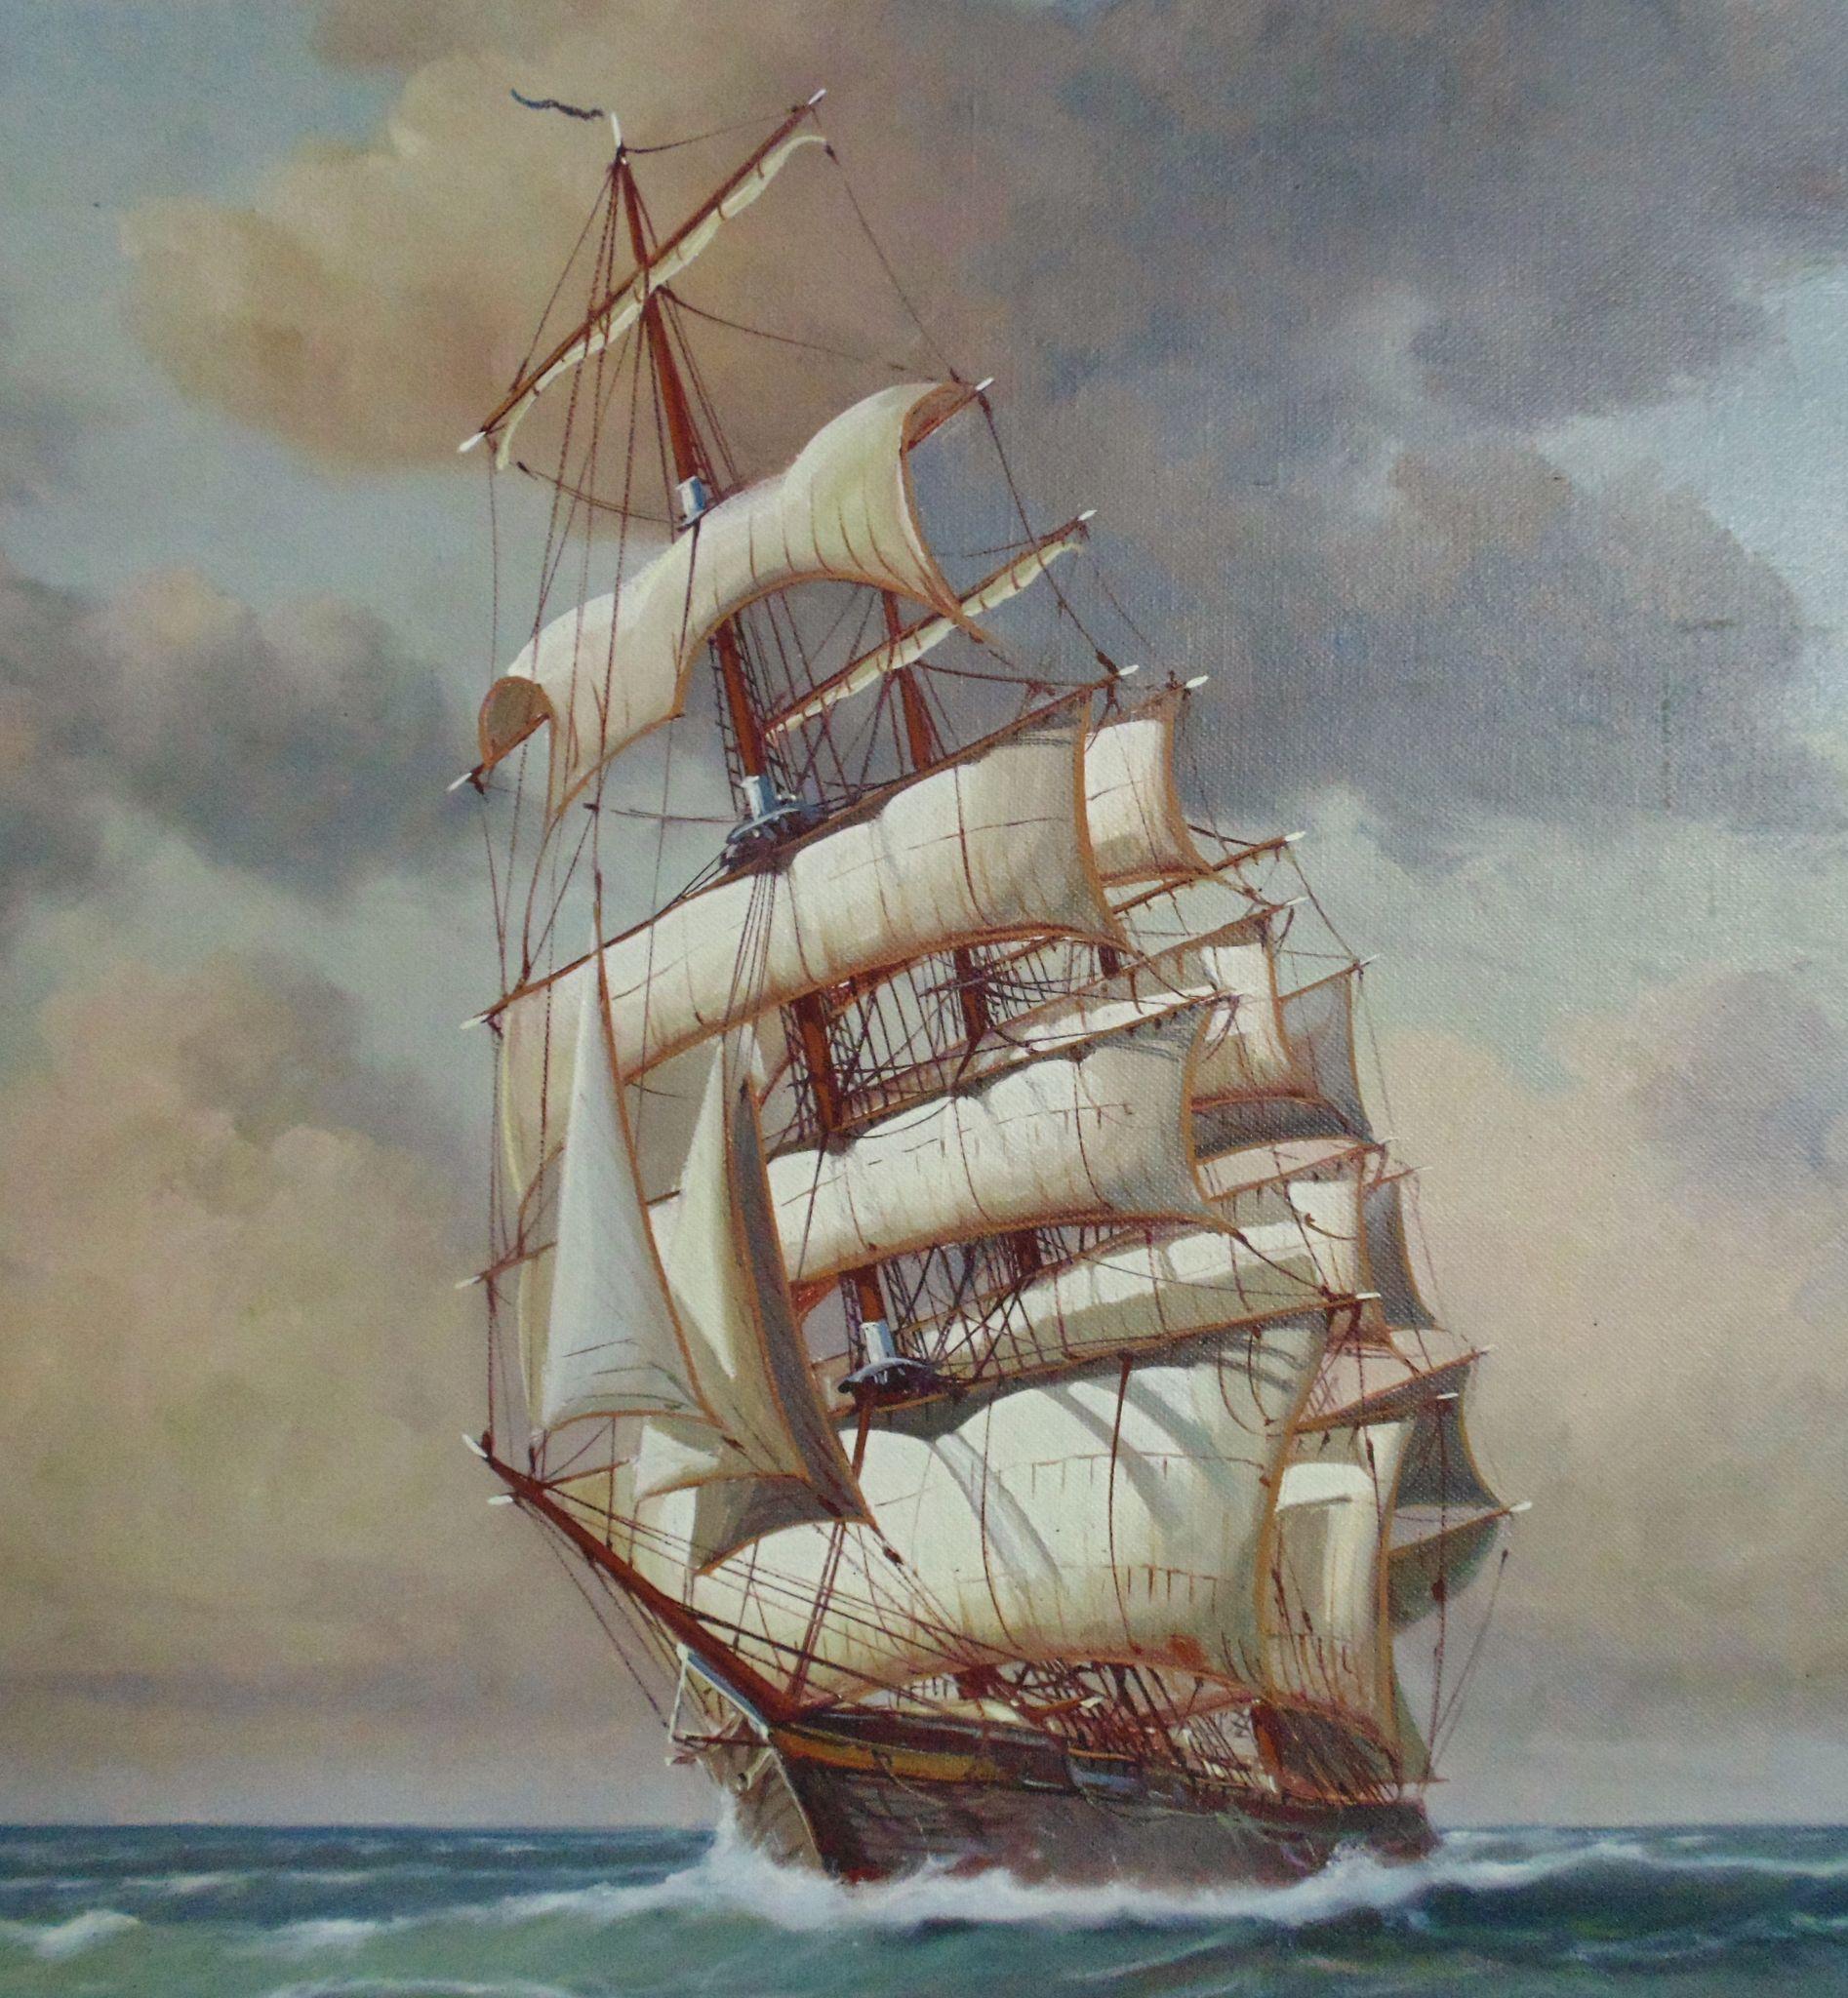 post-carta-garrafa-praia-muriu-1876-barco-navio-mar